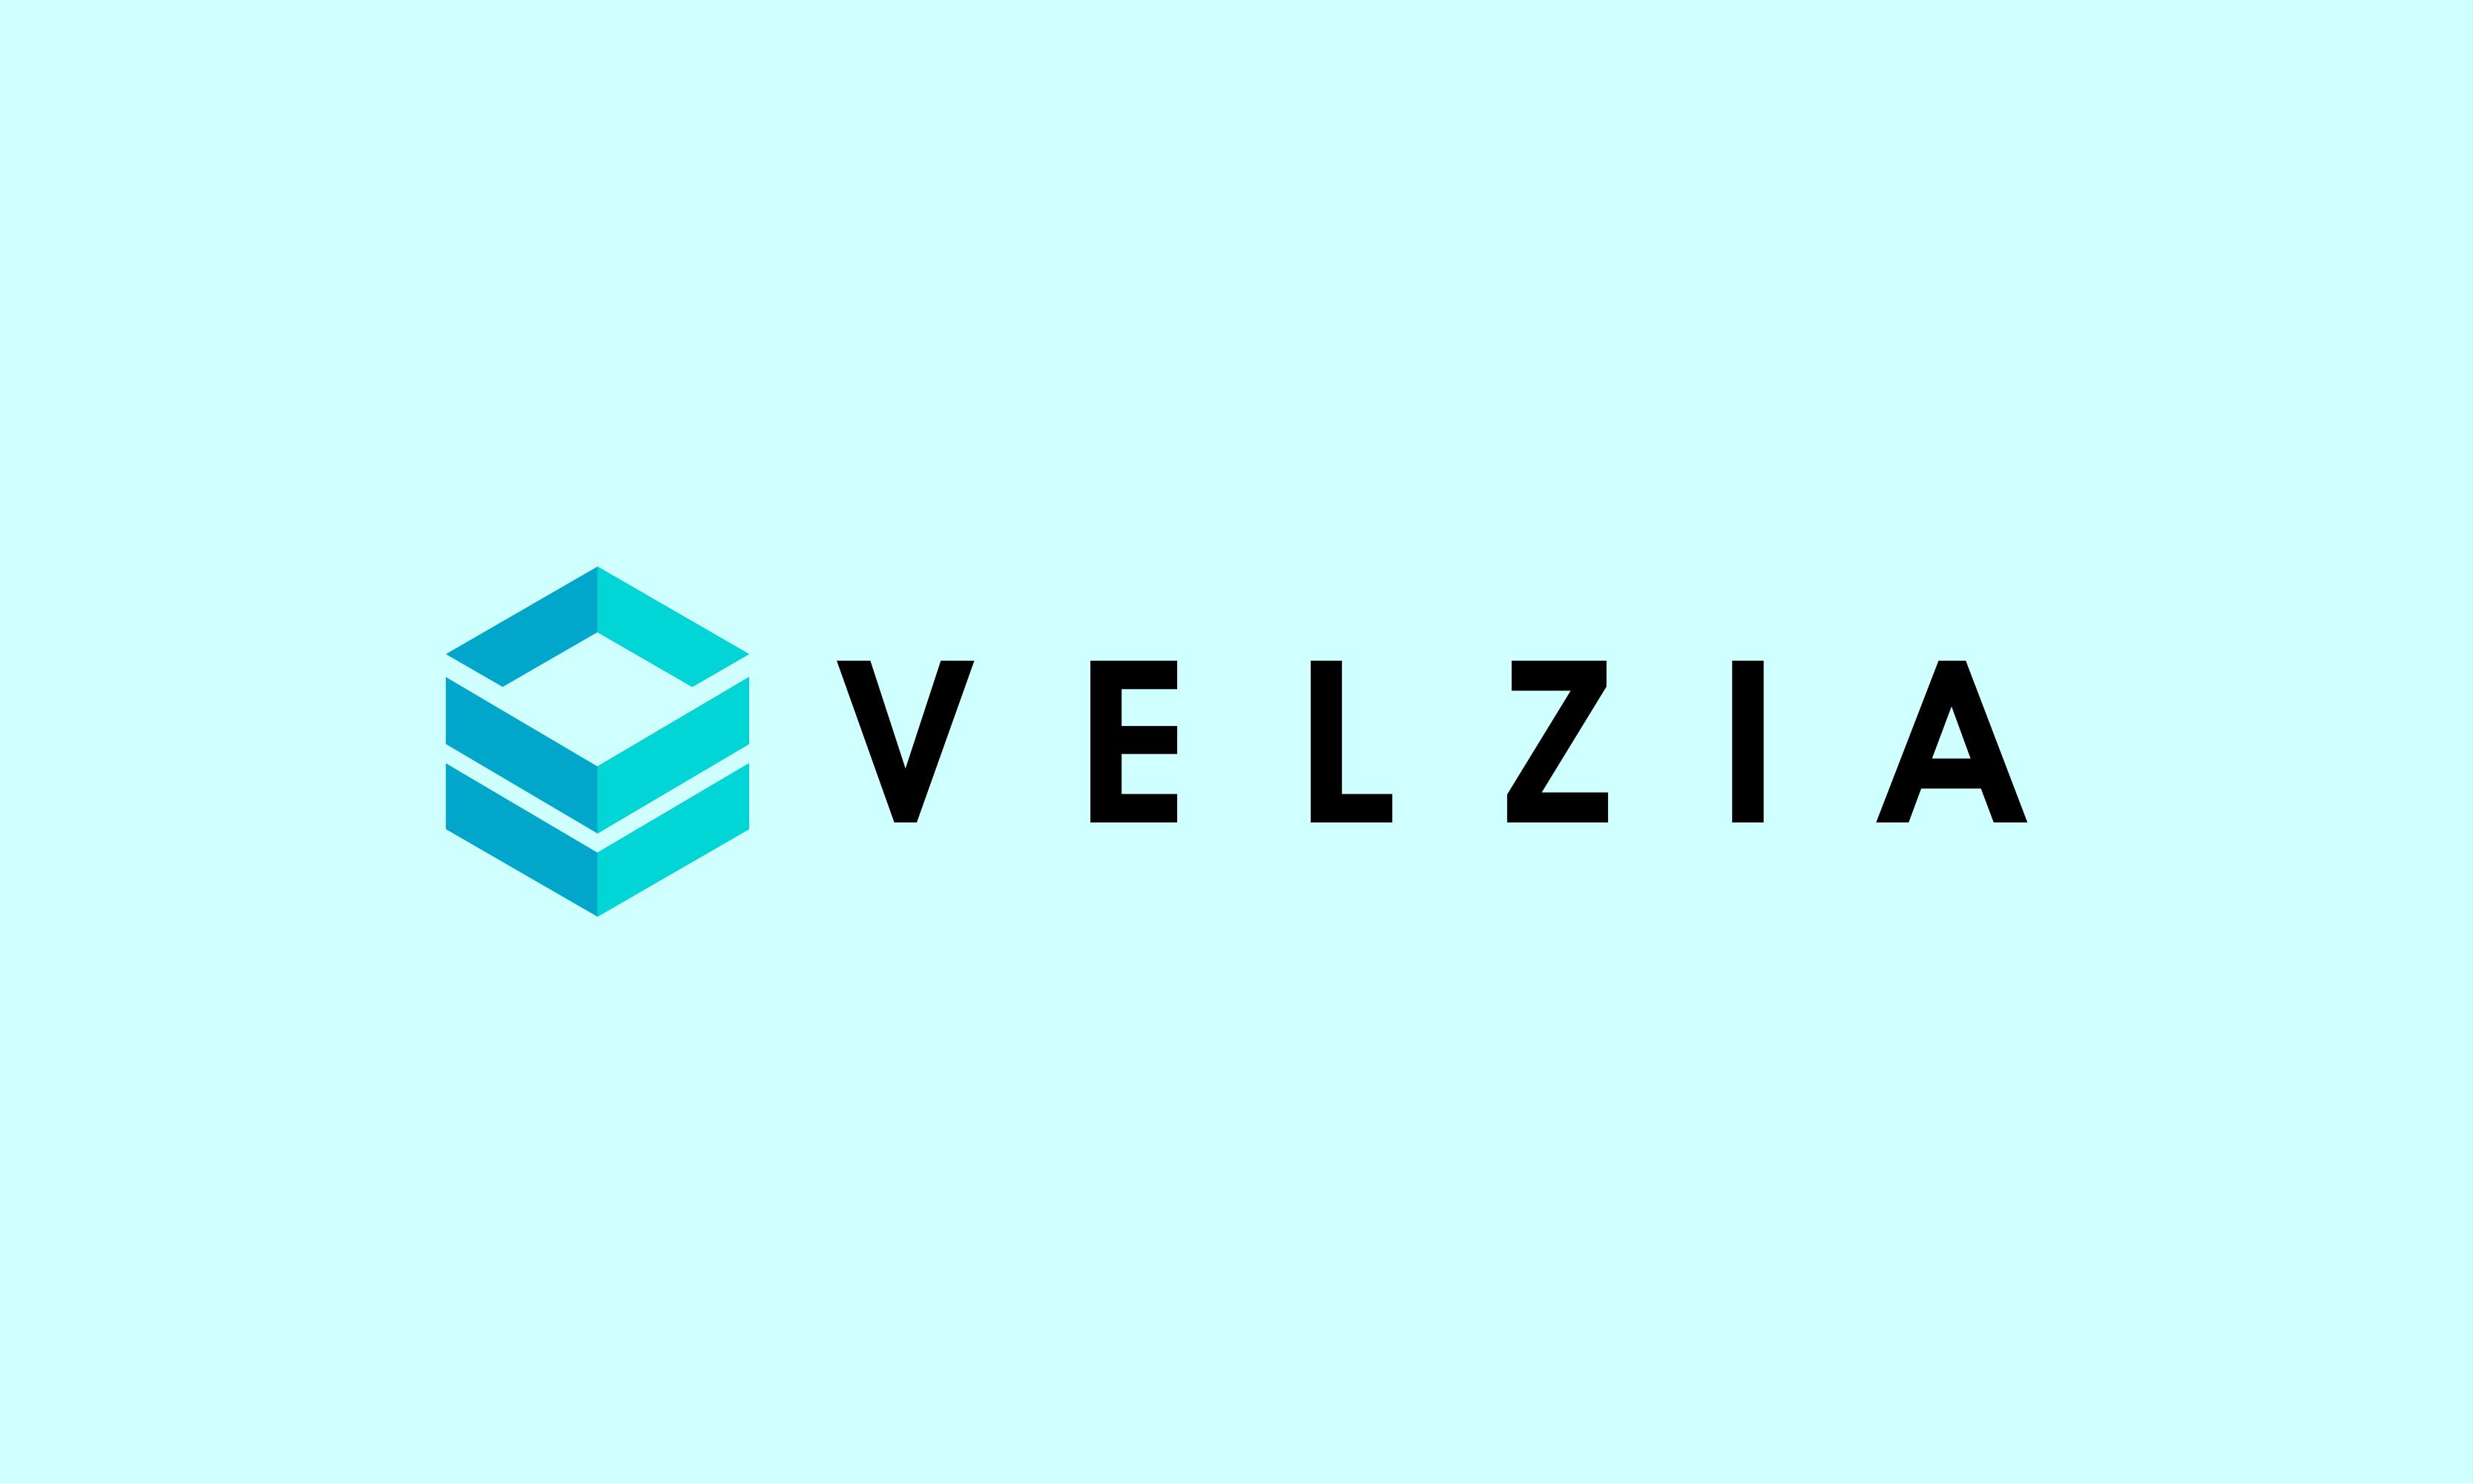 Velzia